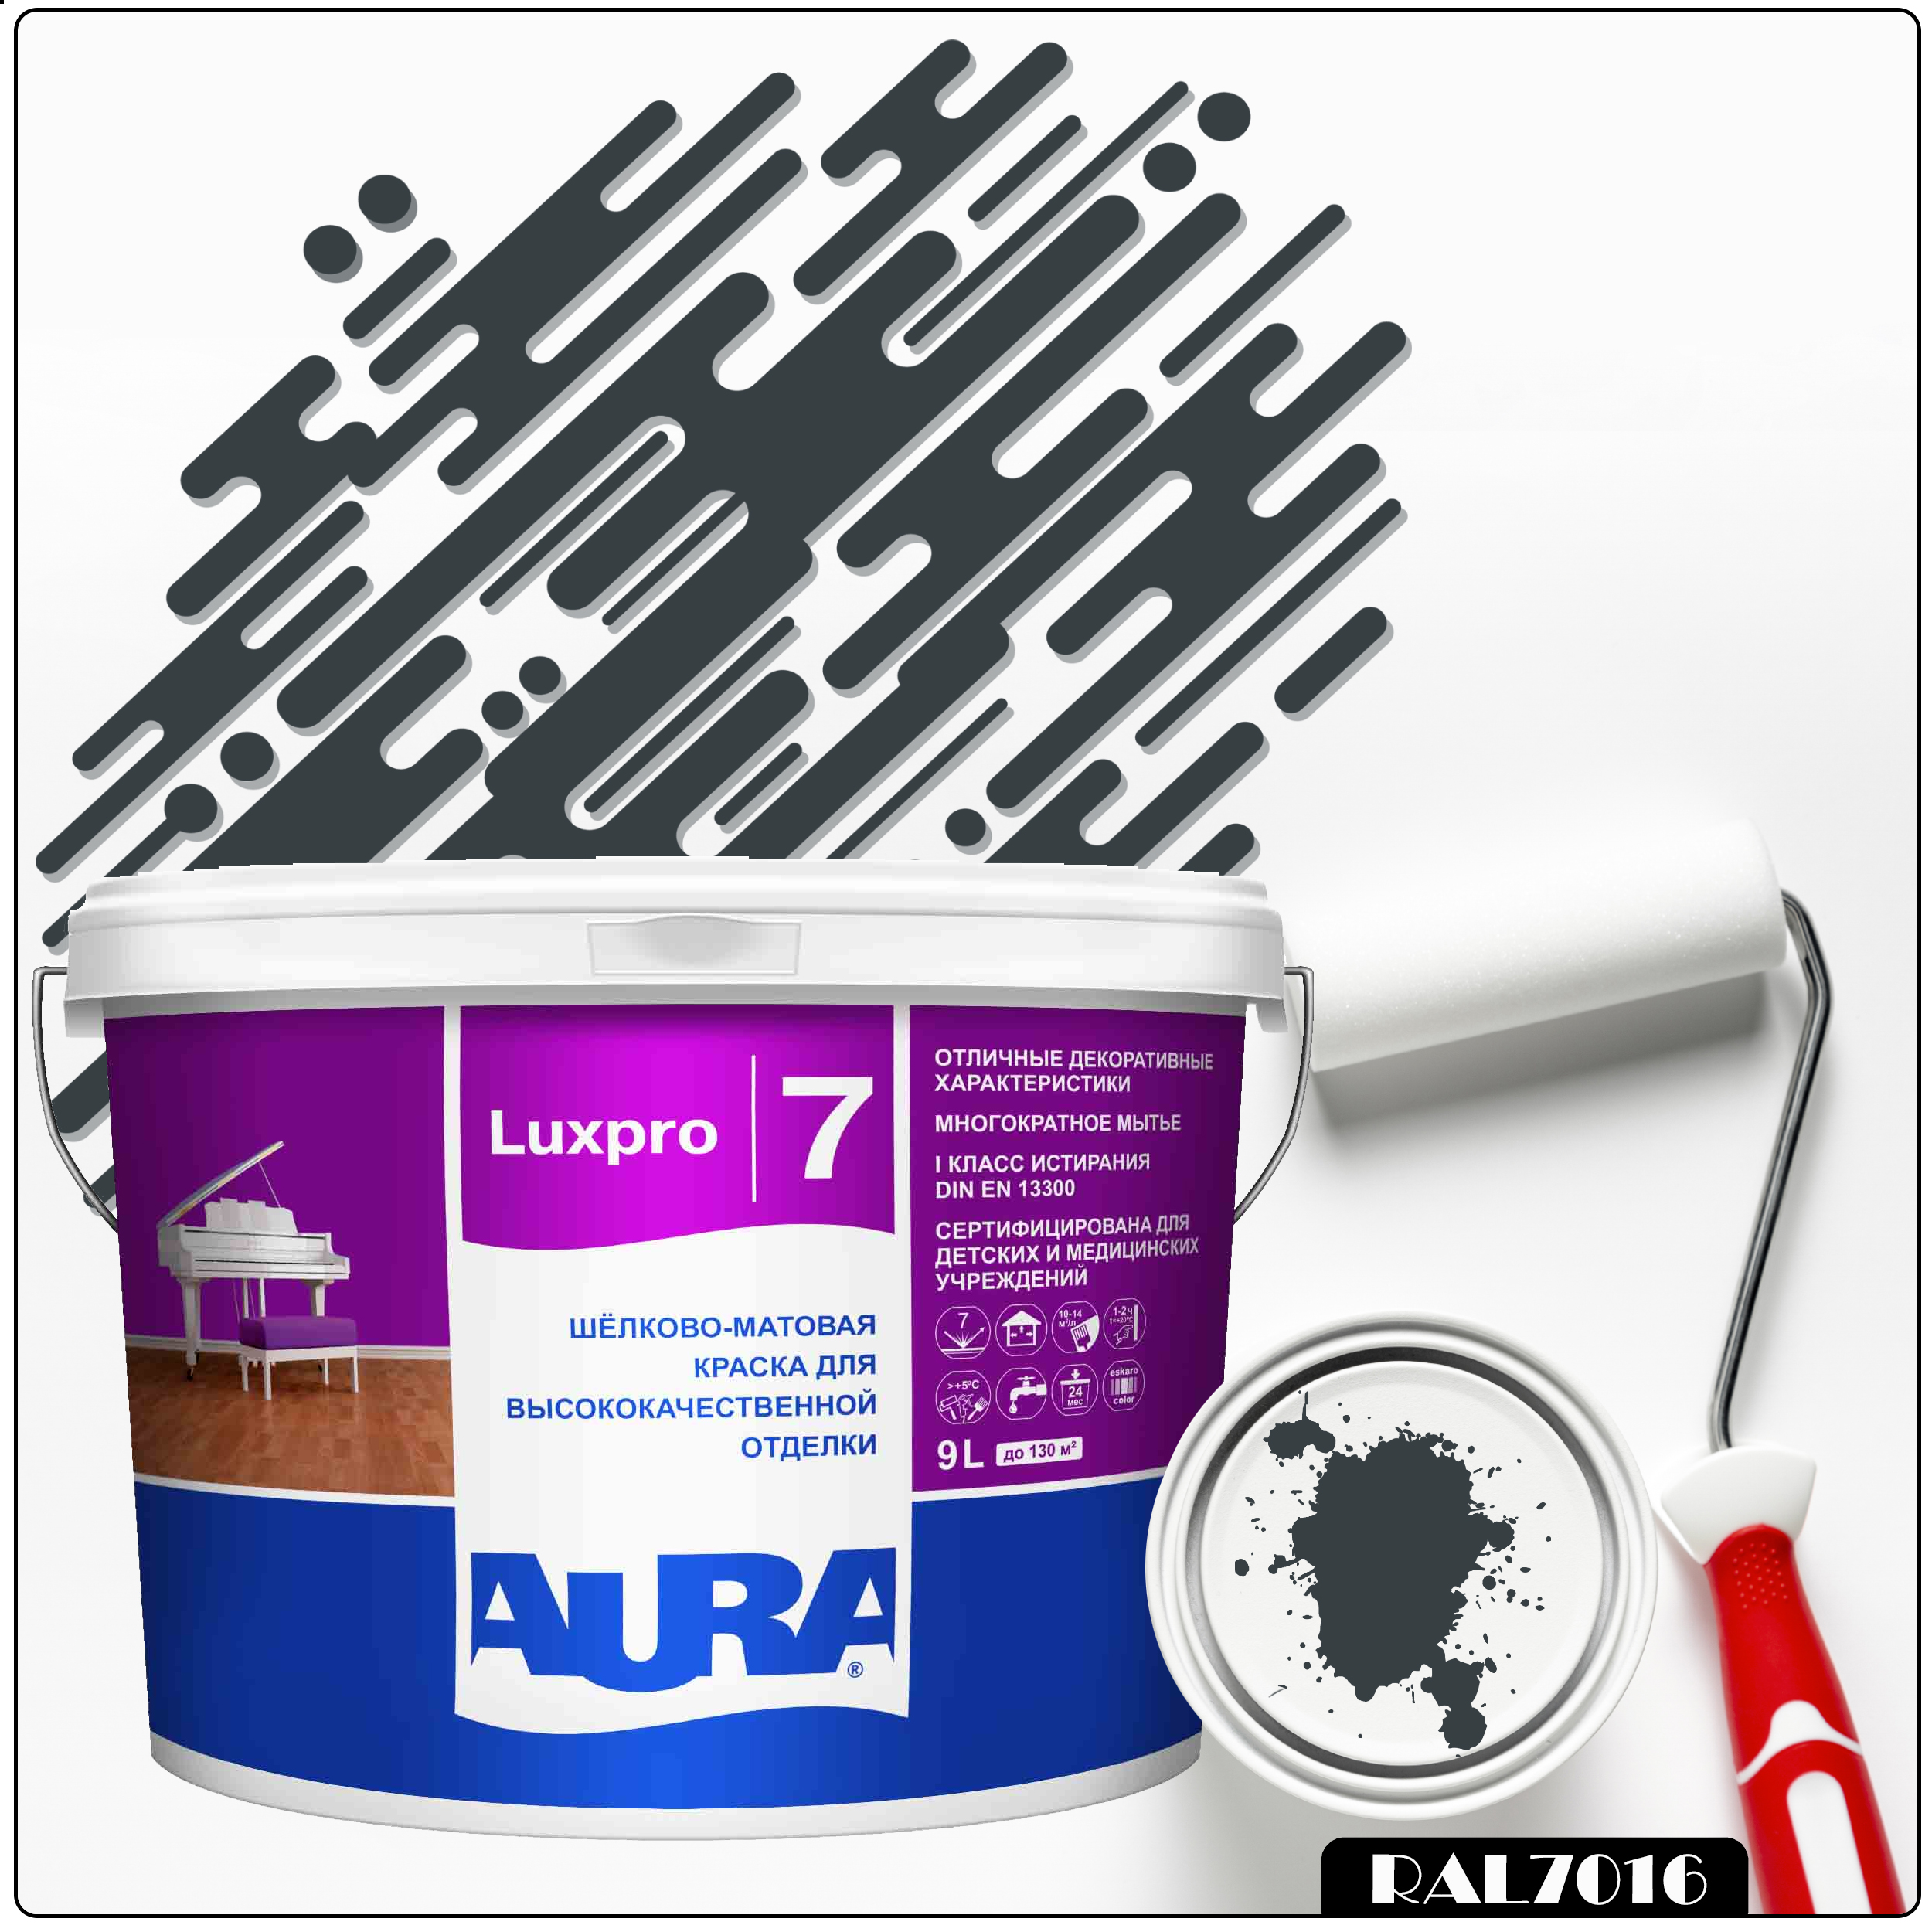 Фото 15 - Краска Aura LuxPRO 7, RAL 7016 Серый антрацит, латексная, шелково-матовая, интерьерная, 9л, Аура.